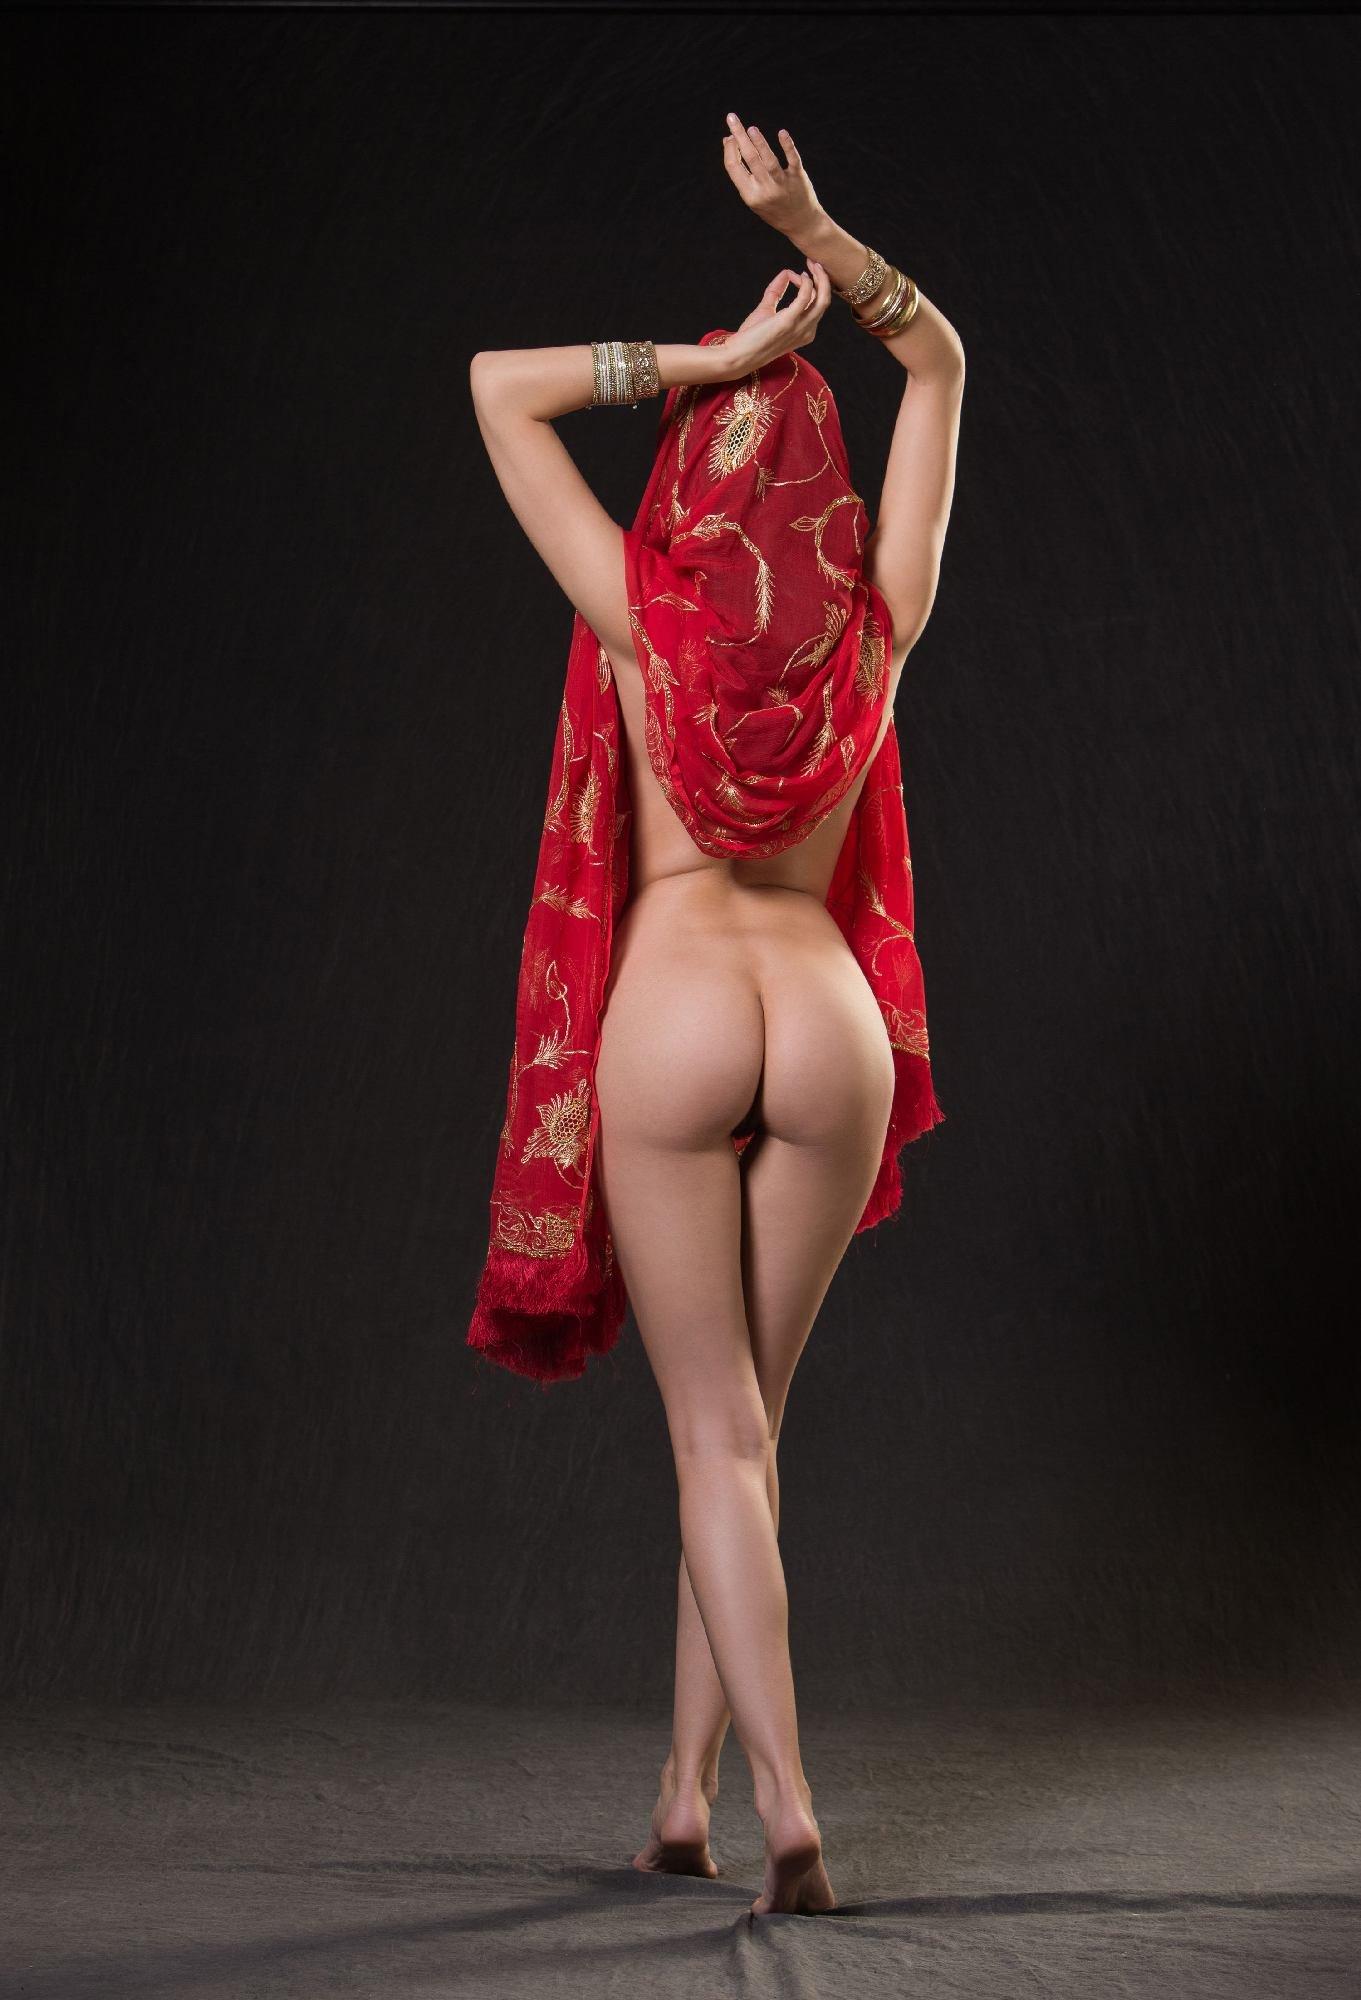 costumed-women-nude